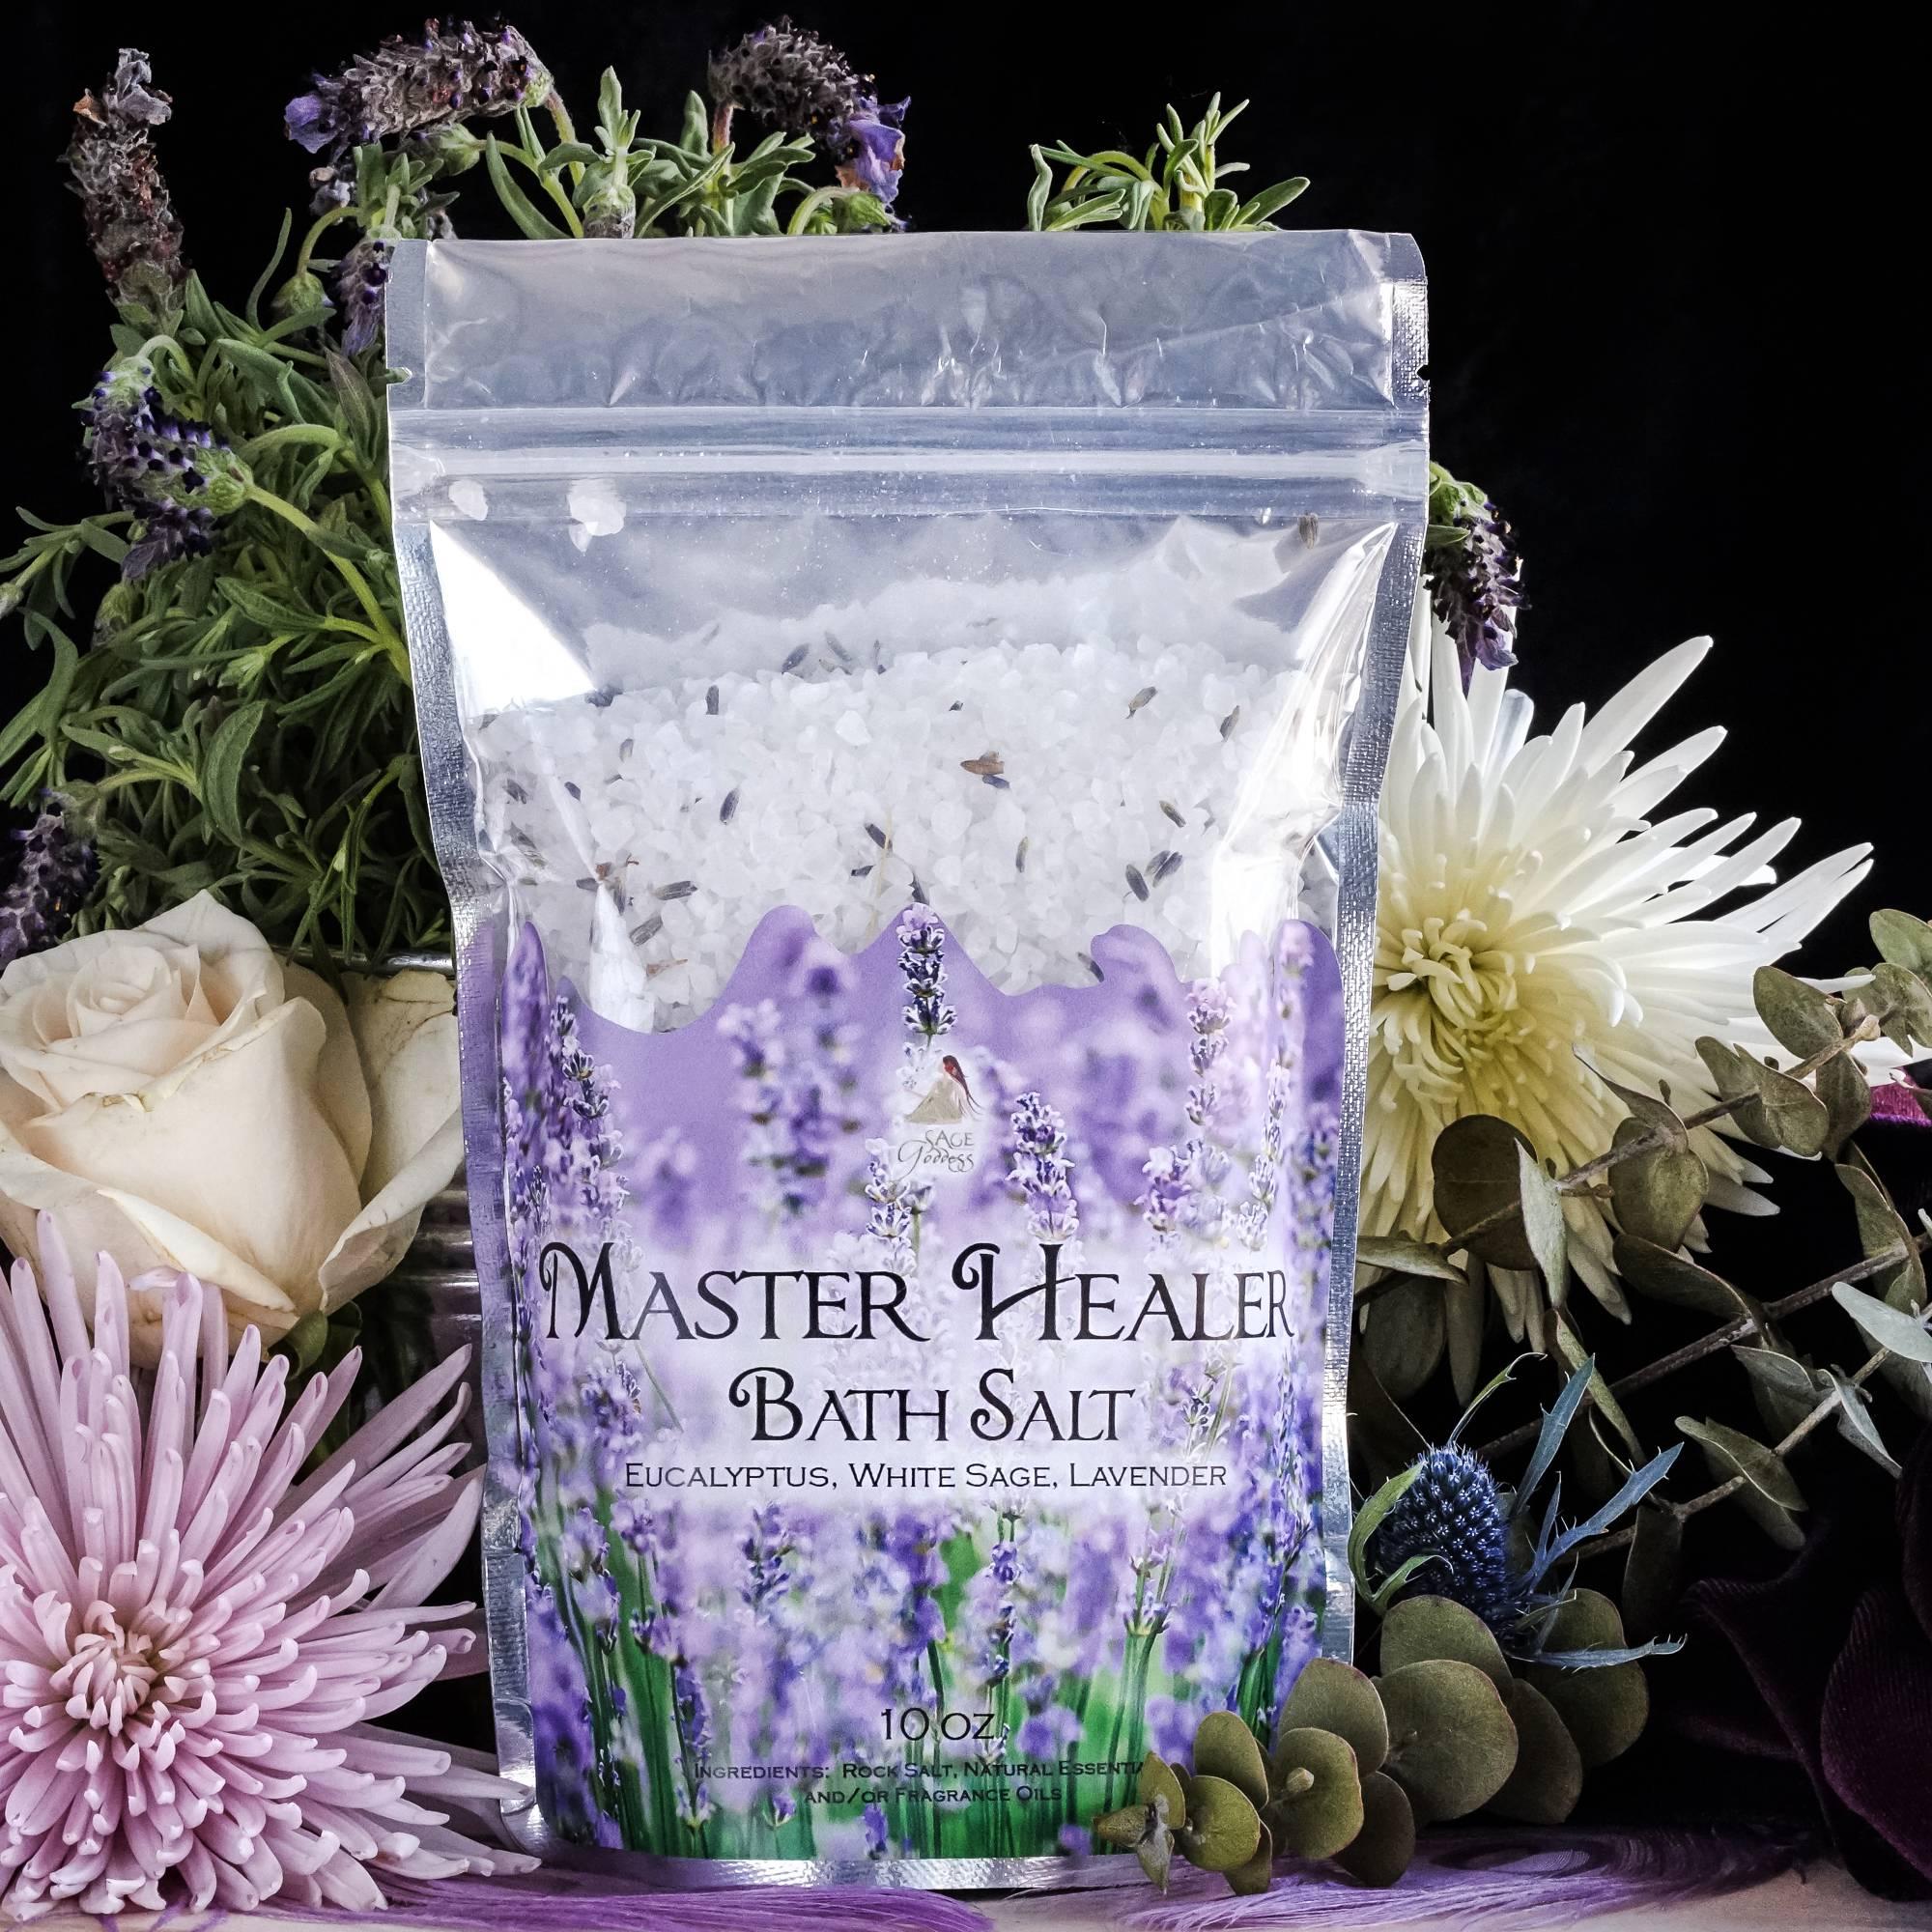 Master Healer Bath Salts for rejuvenation and transcendent luxury